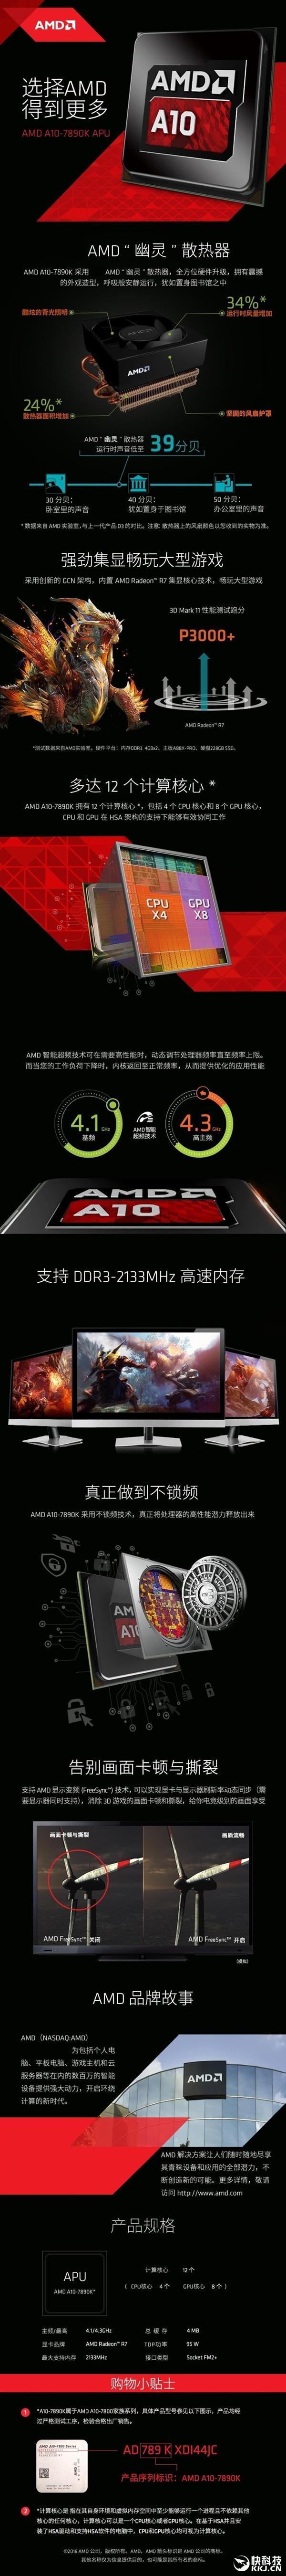 史上最强AMD APU:A10-7890K国内开卖